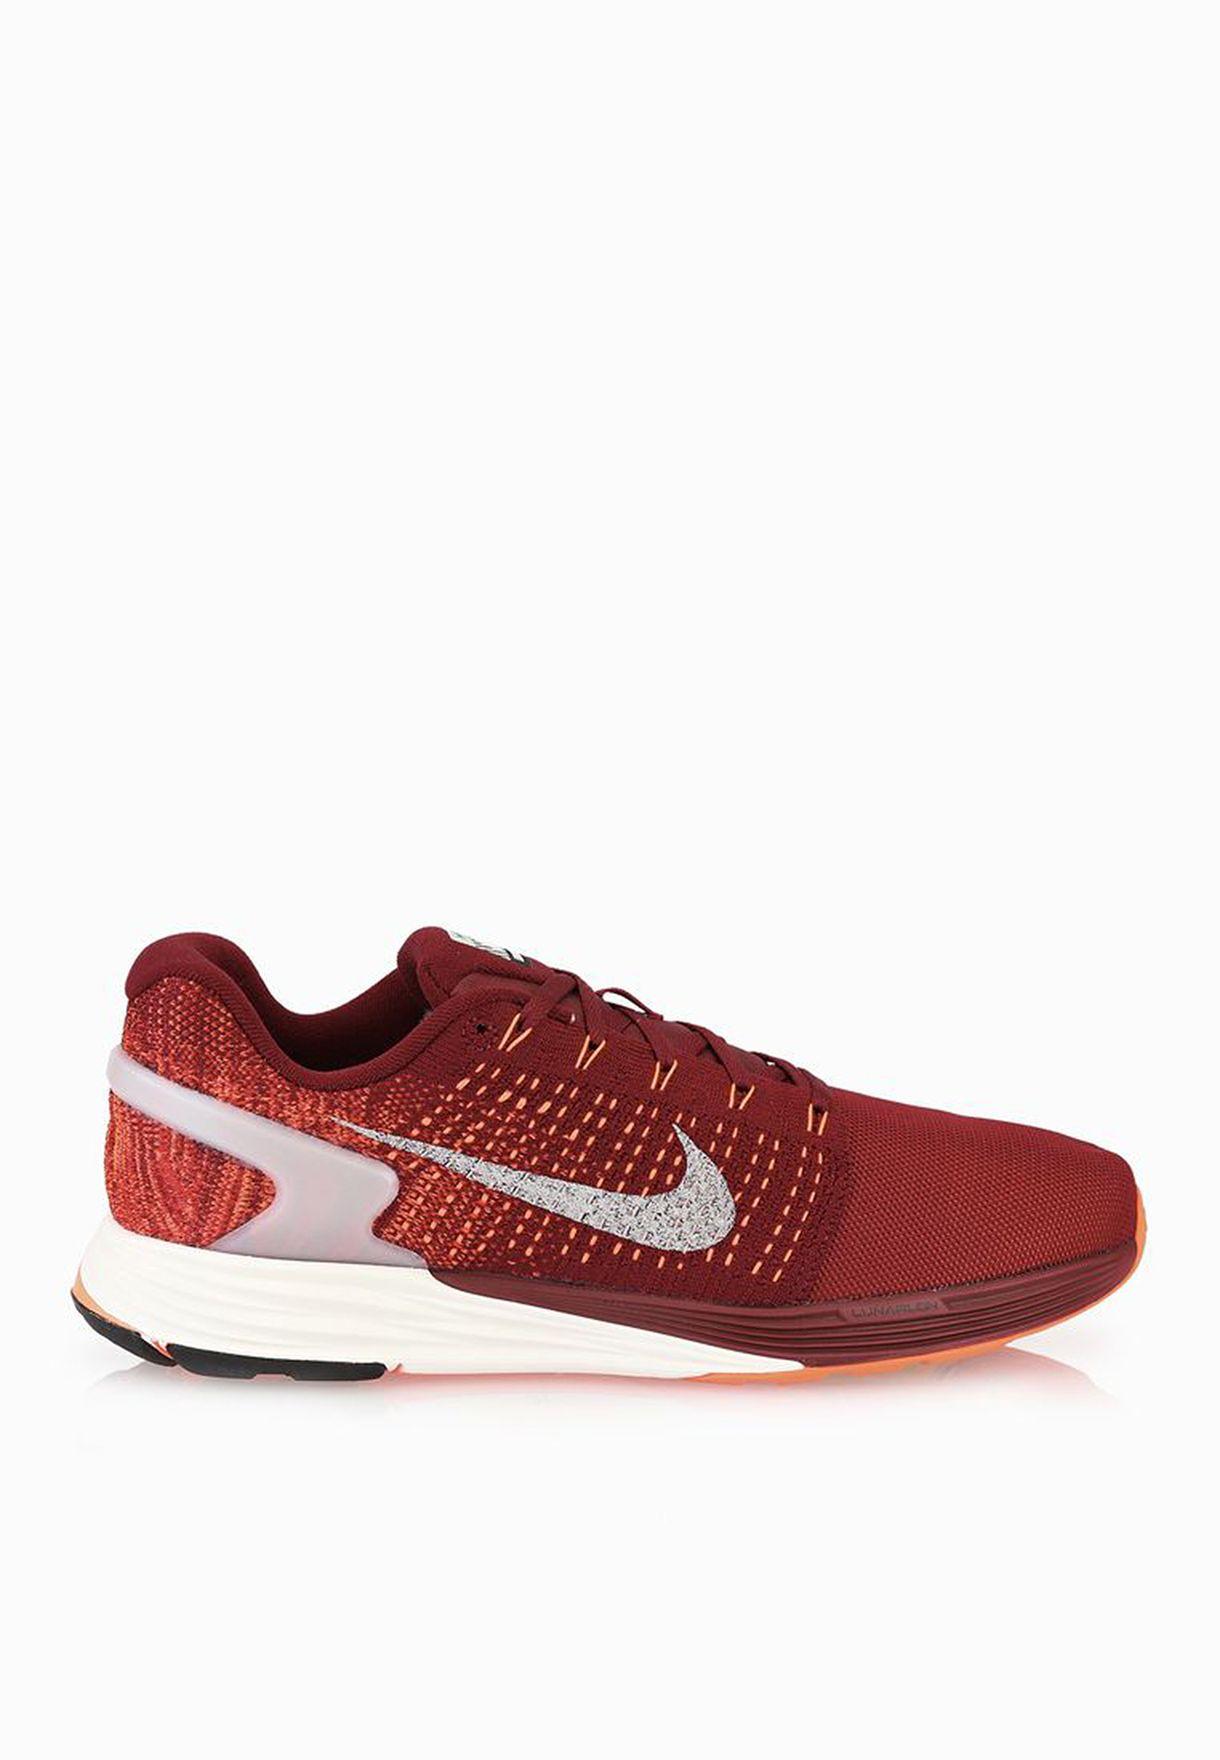 4af3e4d5165 Shop Nike red Lunarglide 7 Flash 803566-600 for Men in UAE ...